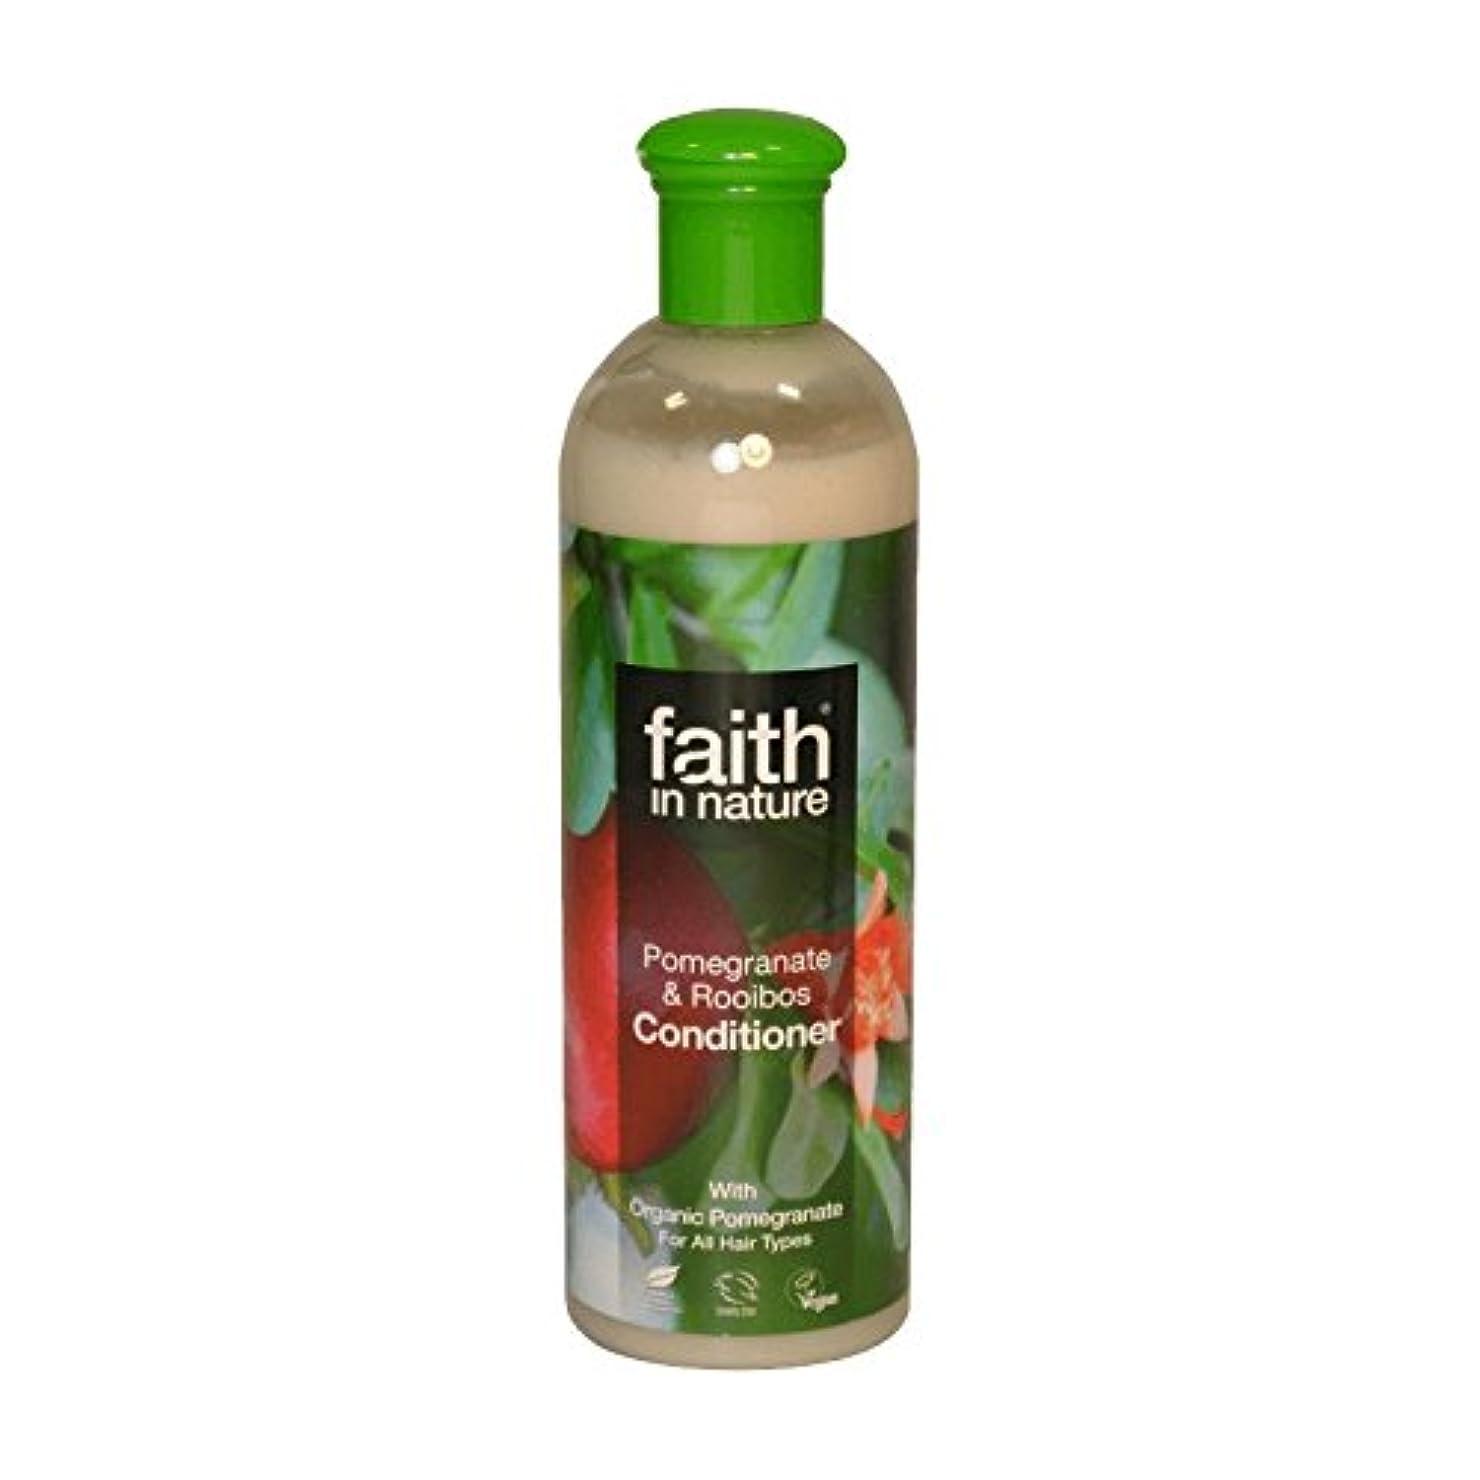 社会主義隣接冒険Faith in Nature Pomegranate & Roobios Conditioner 400ml (Pack of 6) - 自然ザクロ&Roobiosコンディショナー400ミリリットルの信仰 (x6) [...